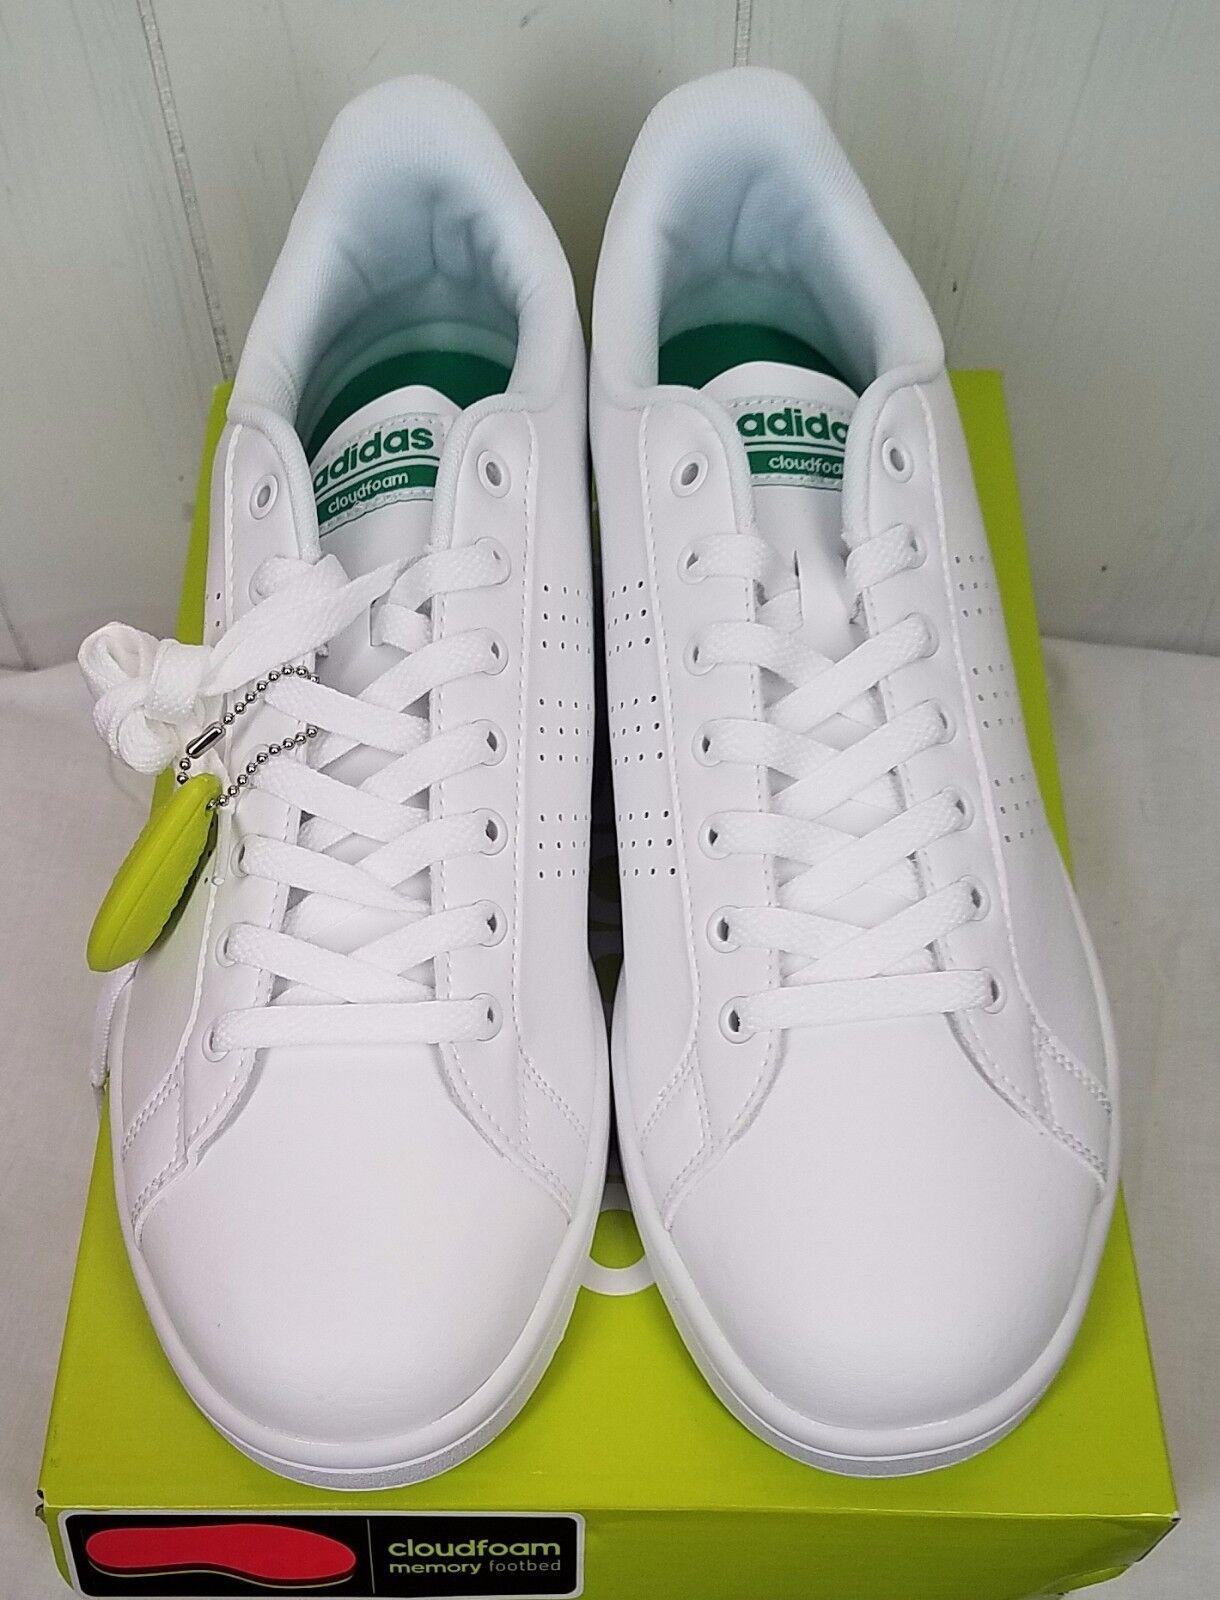 Adidas Men's Cloudfoam Advantage Clean Fashion Sneaker White Sz 11NIB